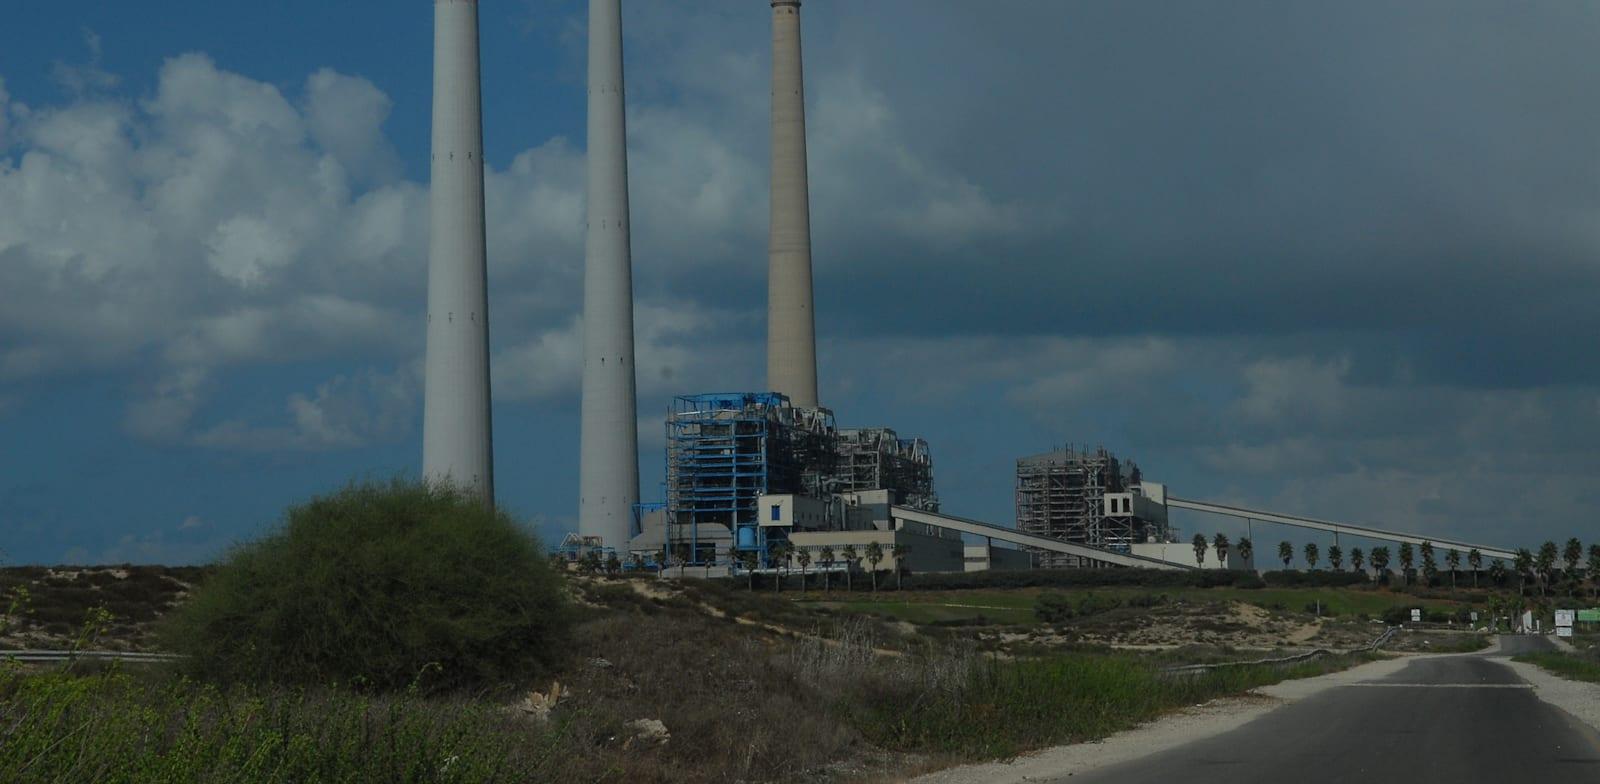 תחנת כוח חדרה - נמל חדרה / צילום: איל יצהר